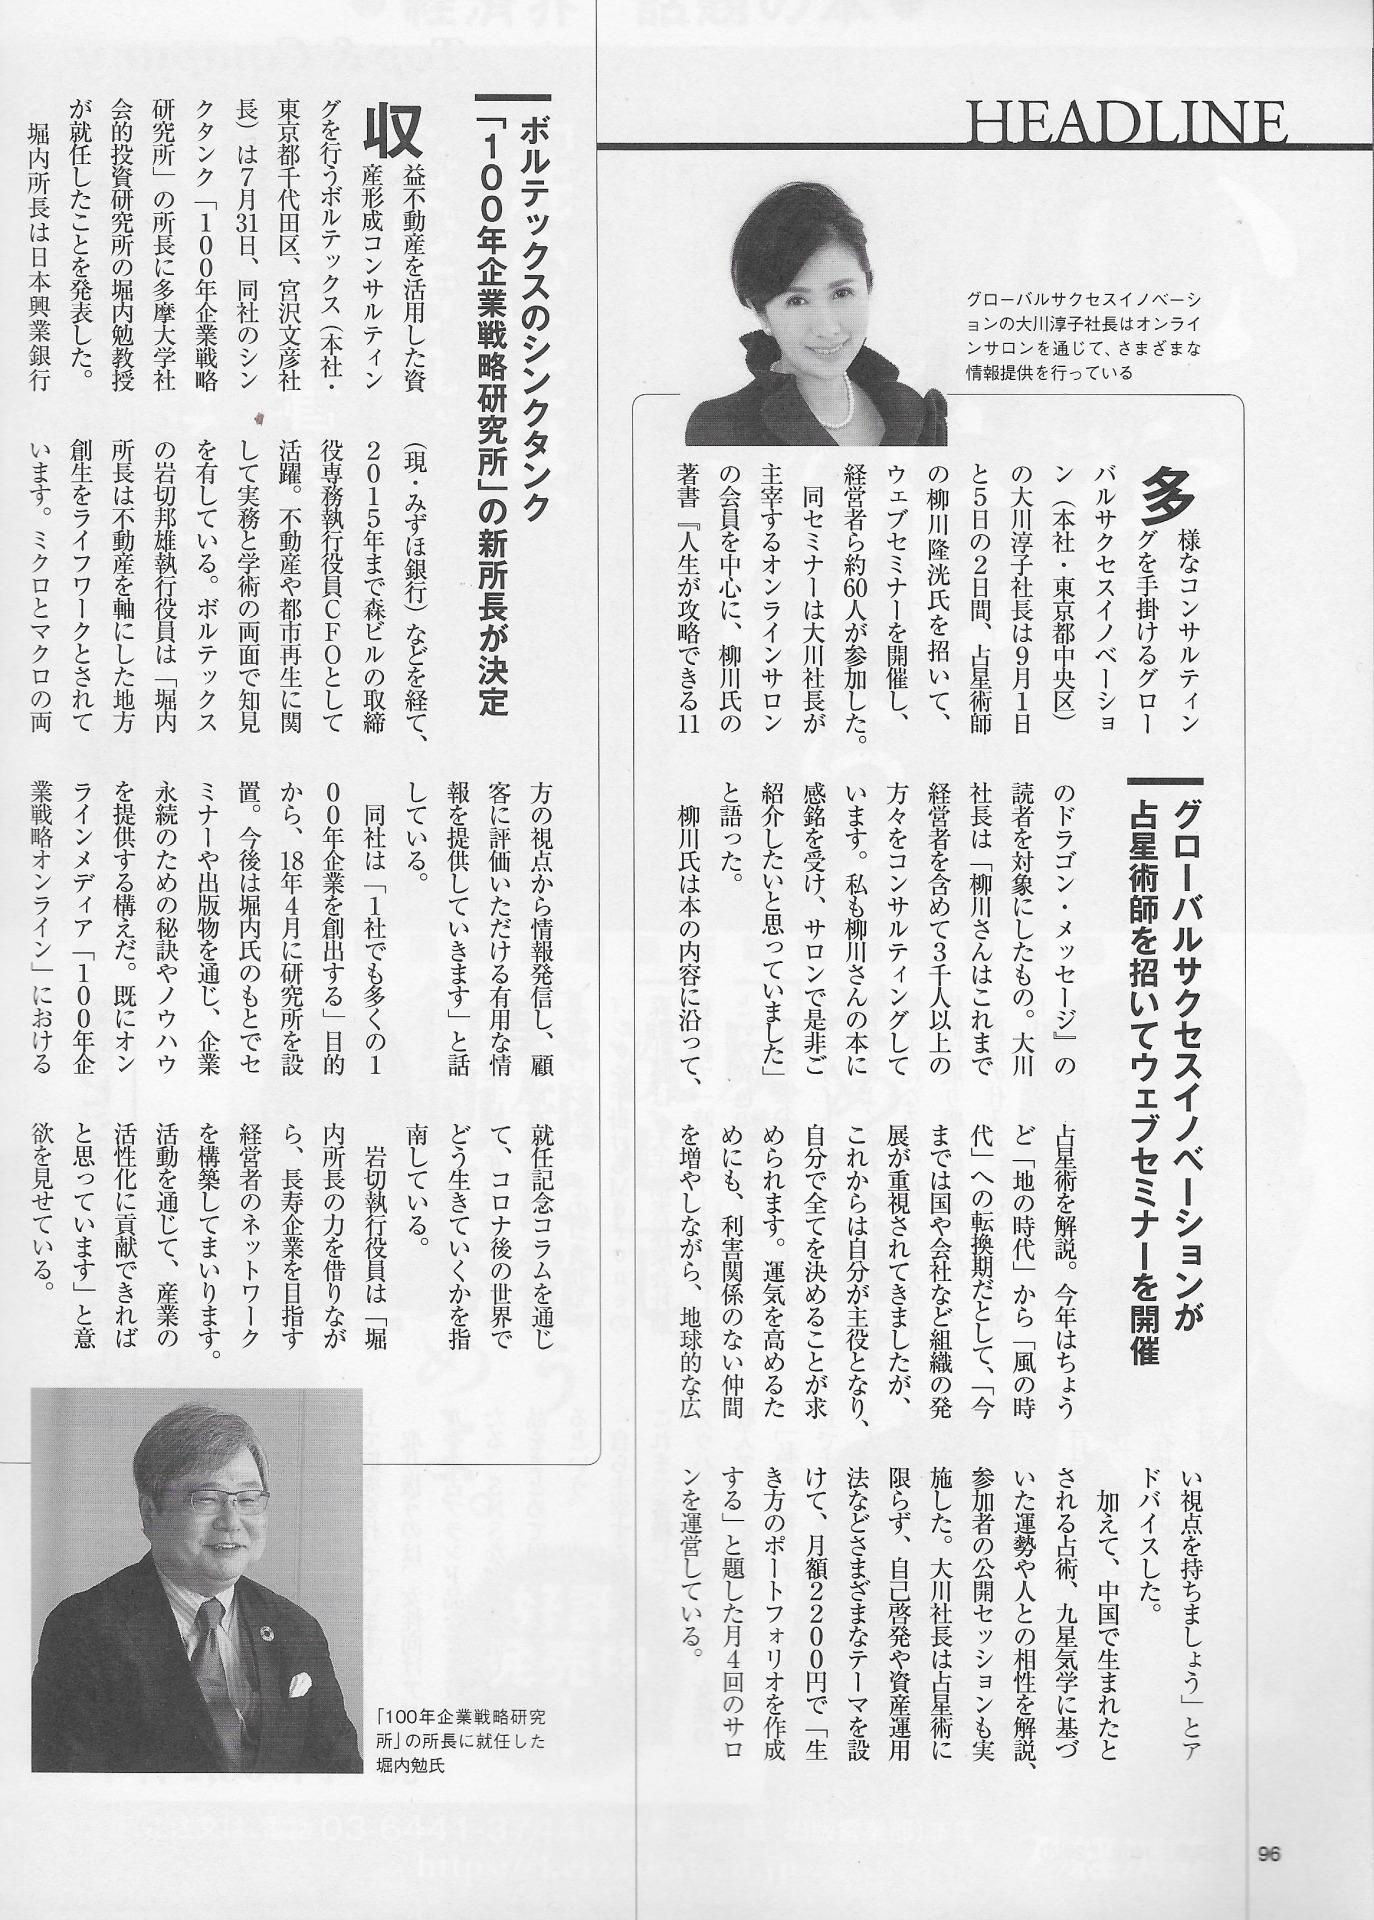 経済界11月号に柳川隆洸先生とのセミナーが掲載されました。